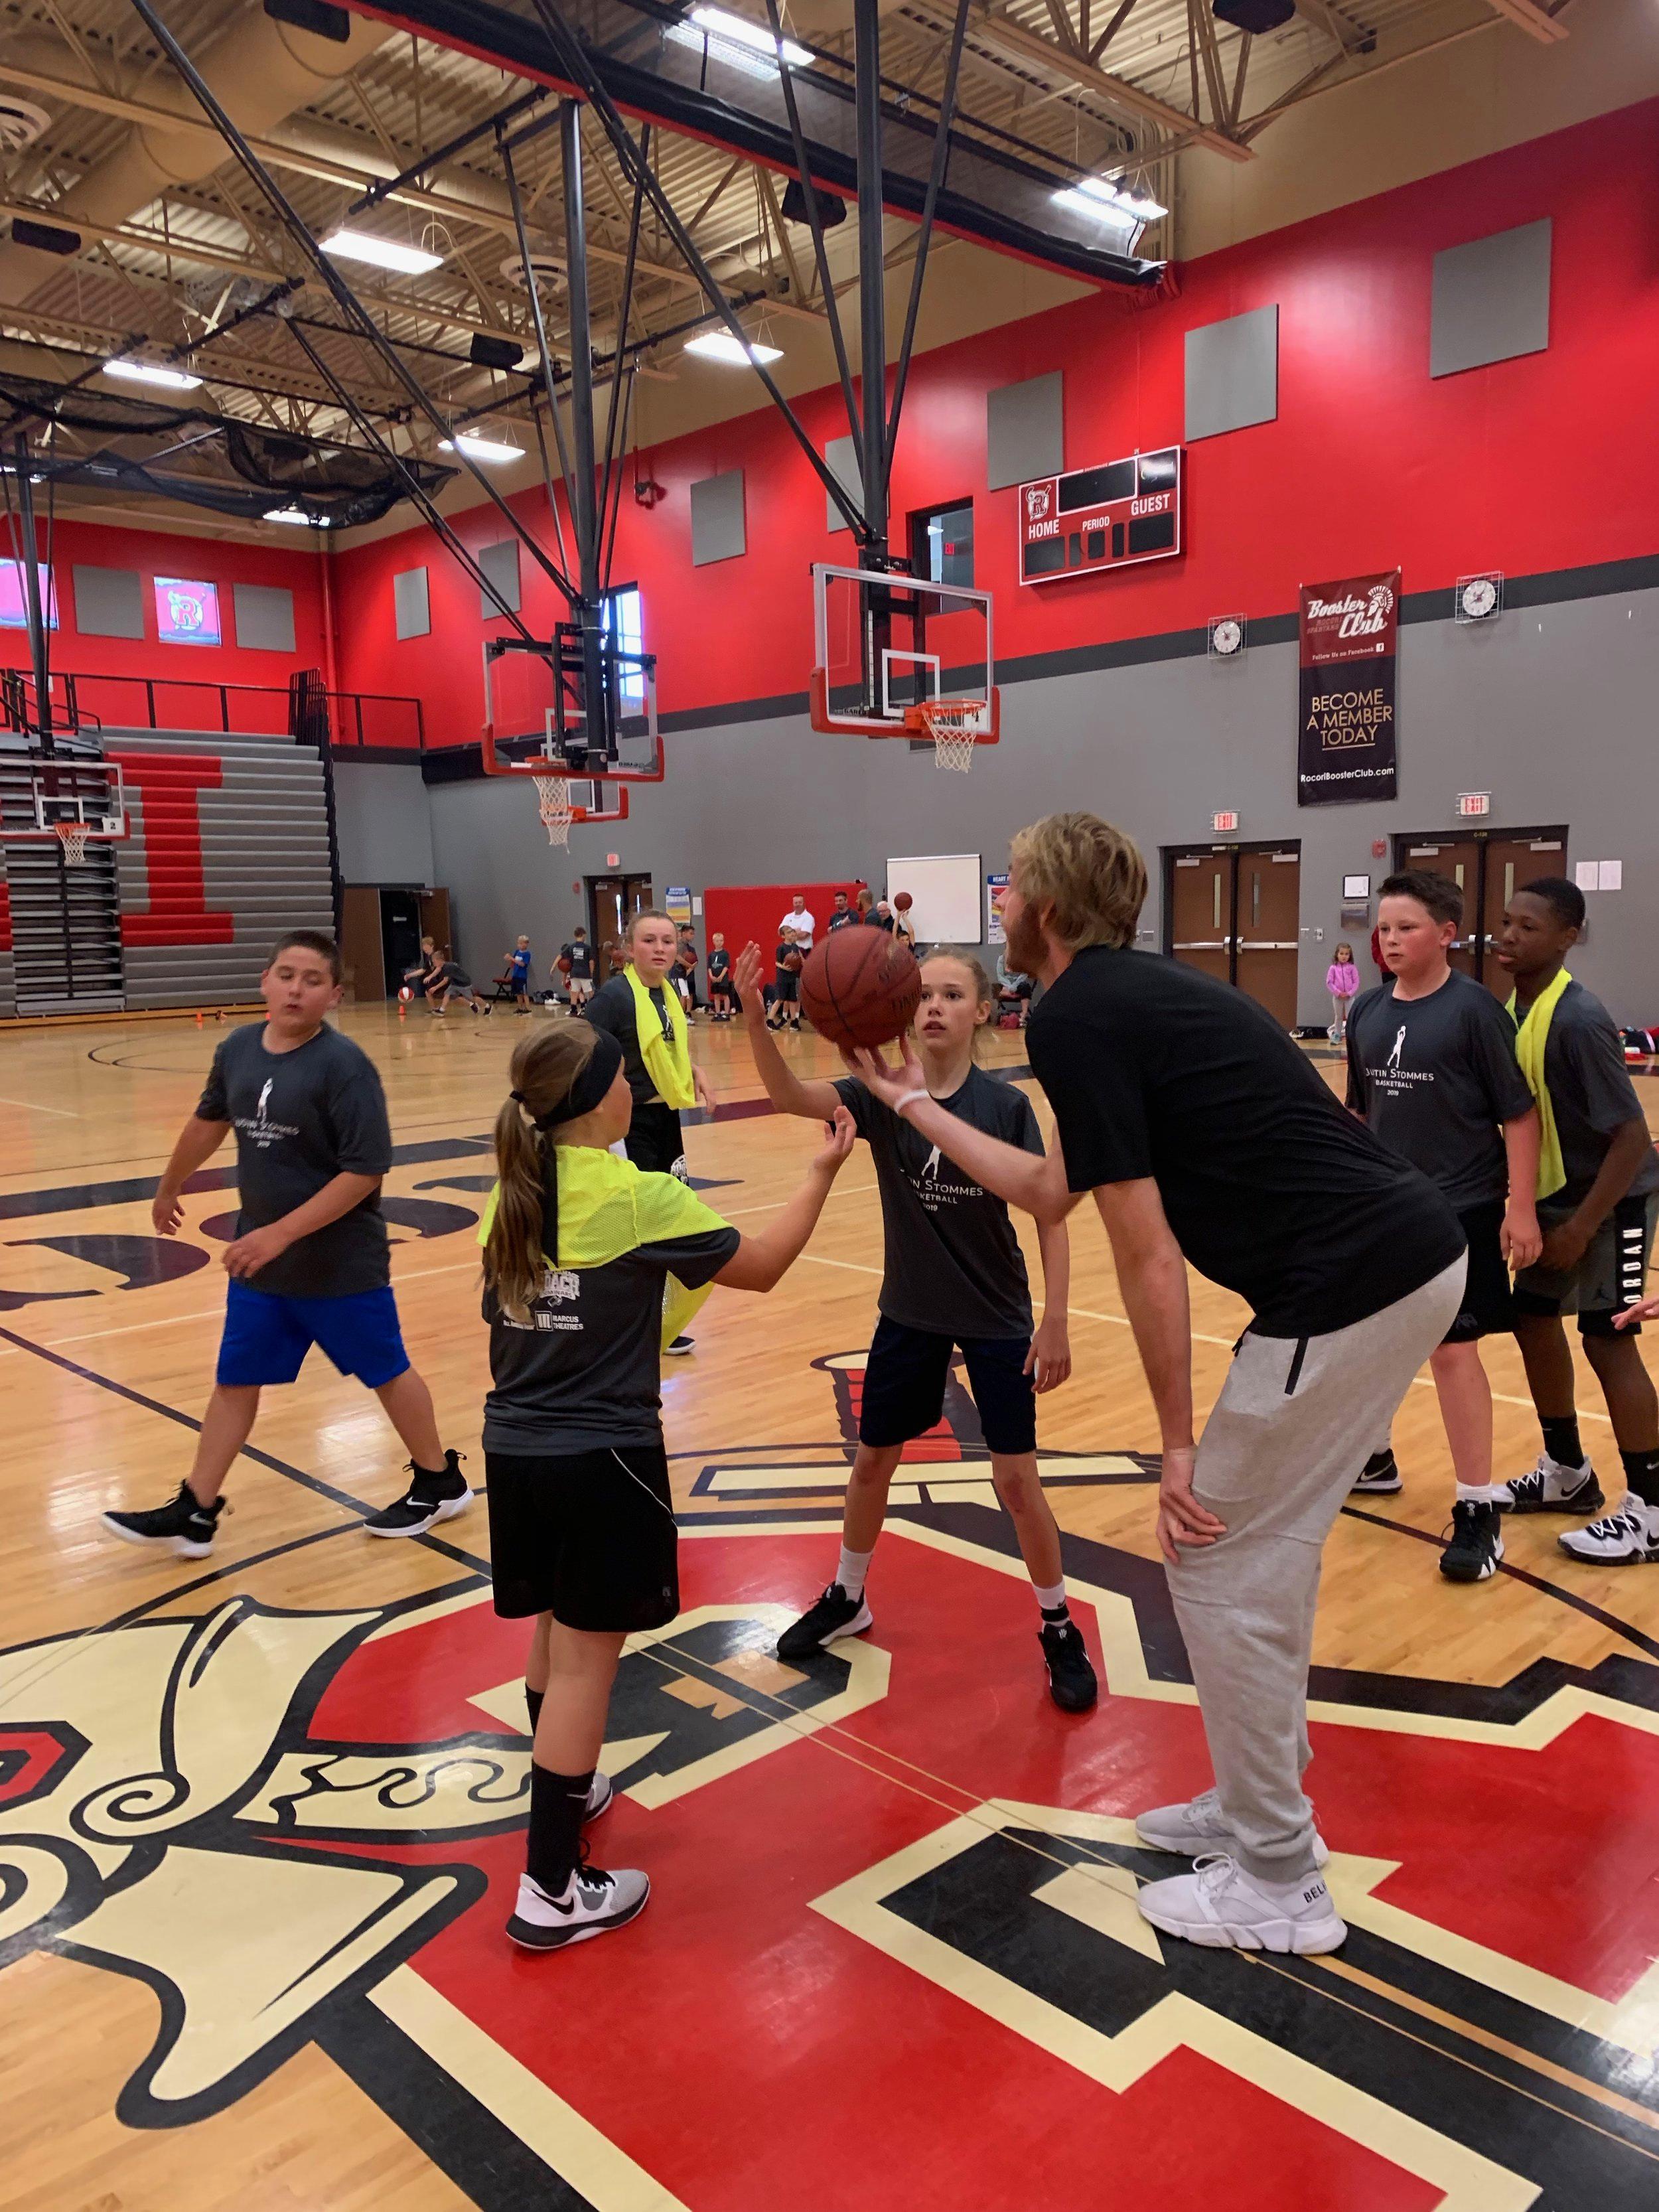 Justin+Stommes+Basketball+Camp-+Jump+Ball+2019